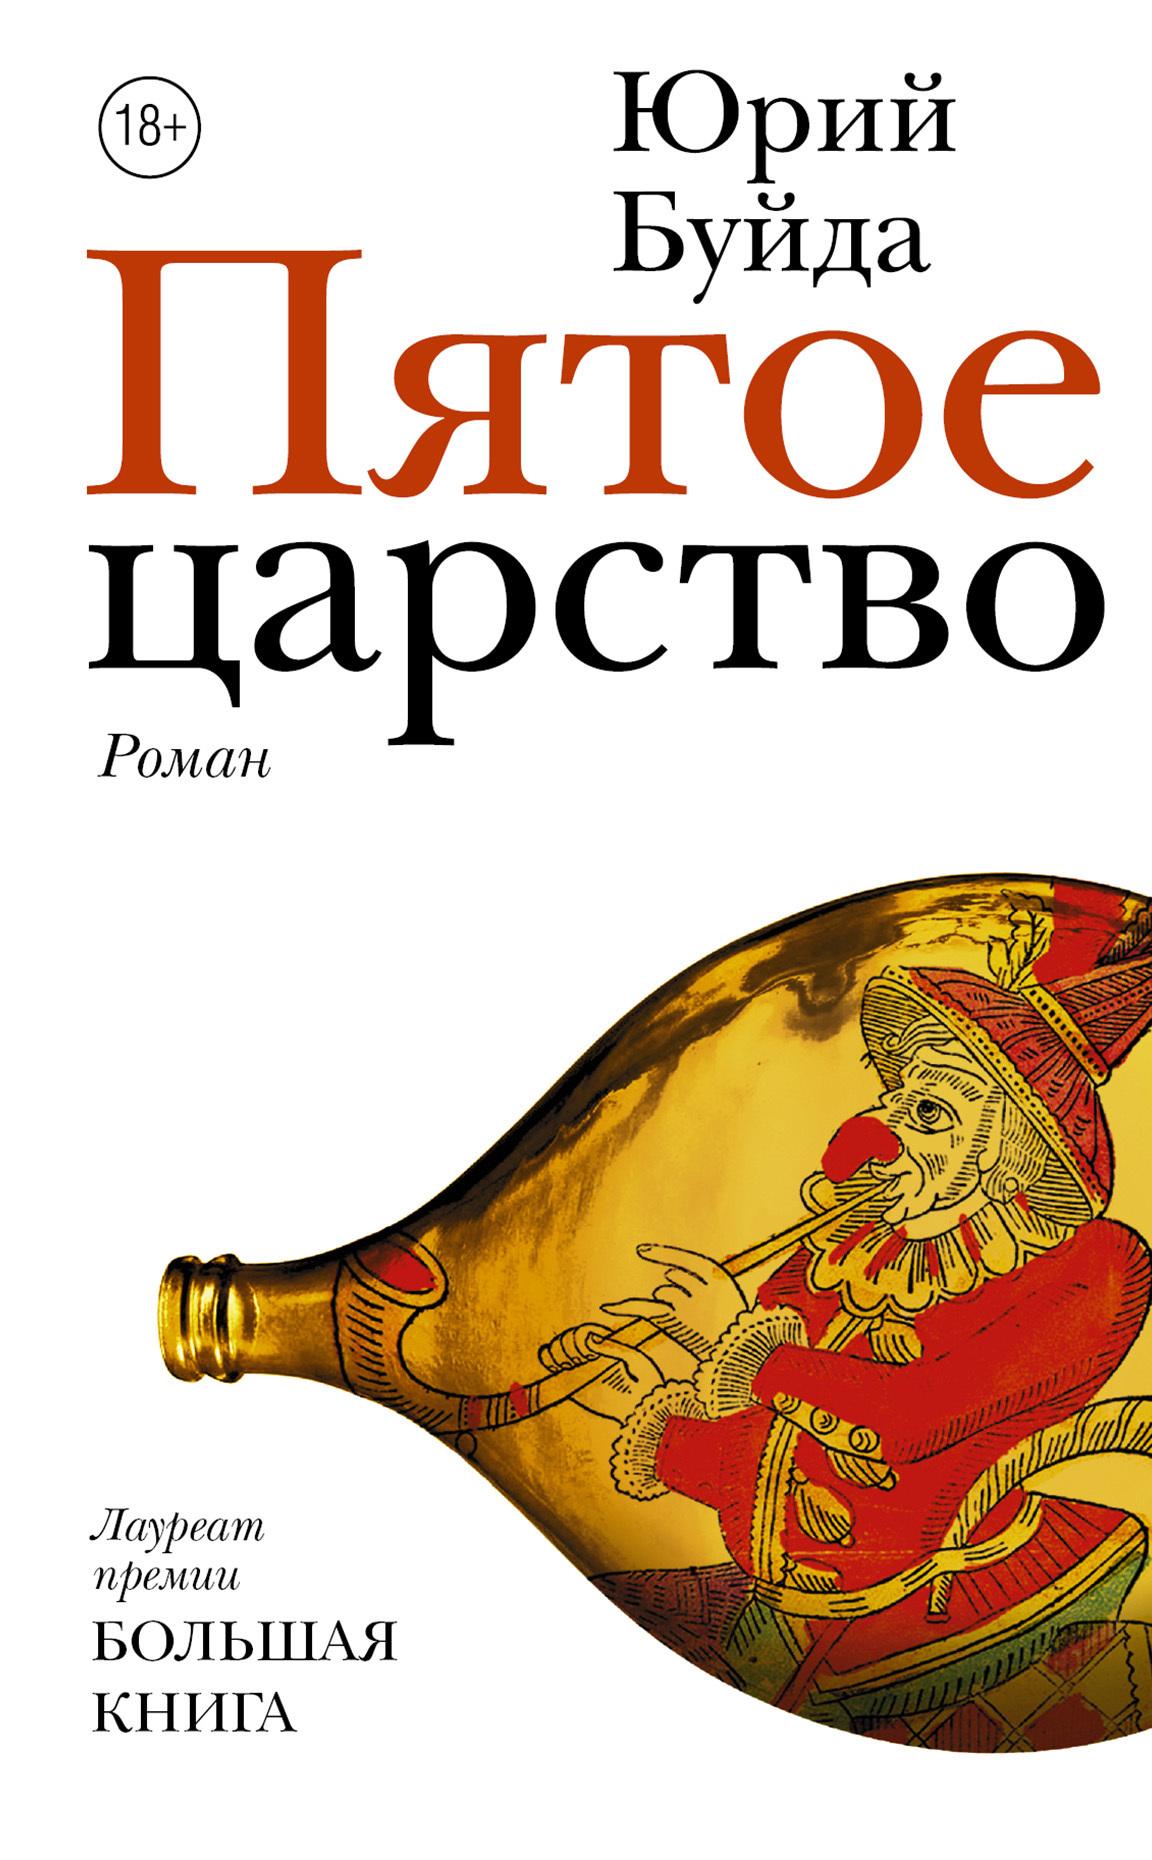 Книга Пятое царство